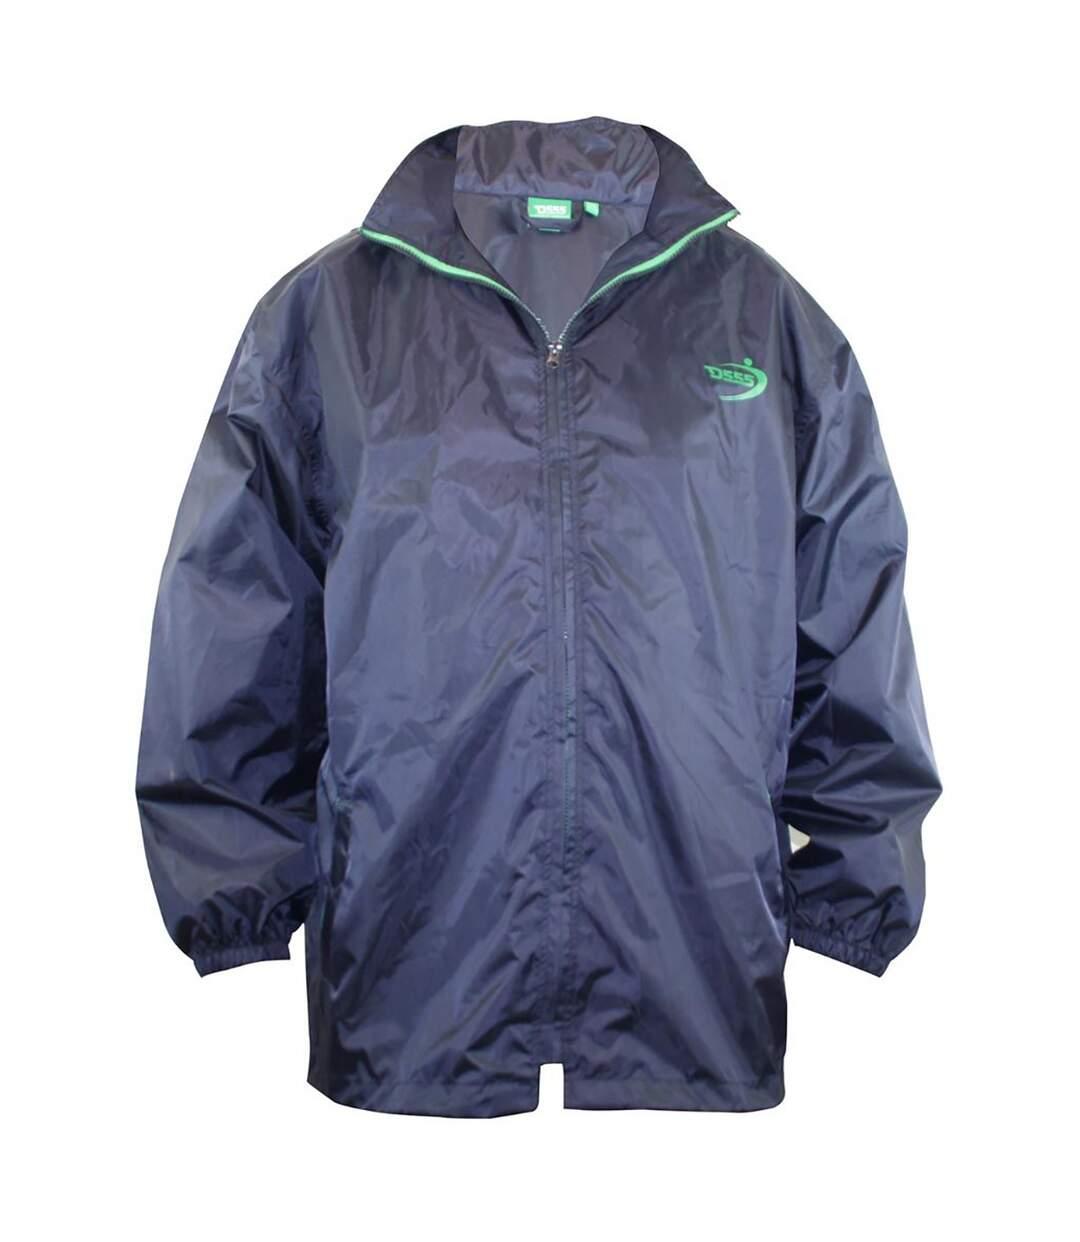 Duke Mens Zac Kingsize D555 Packaway Weather Proof Rain Jacket (Navy) - UTDC226